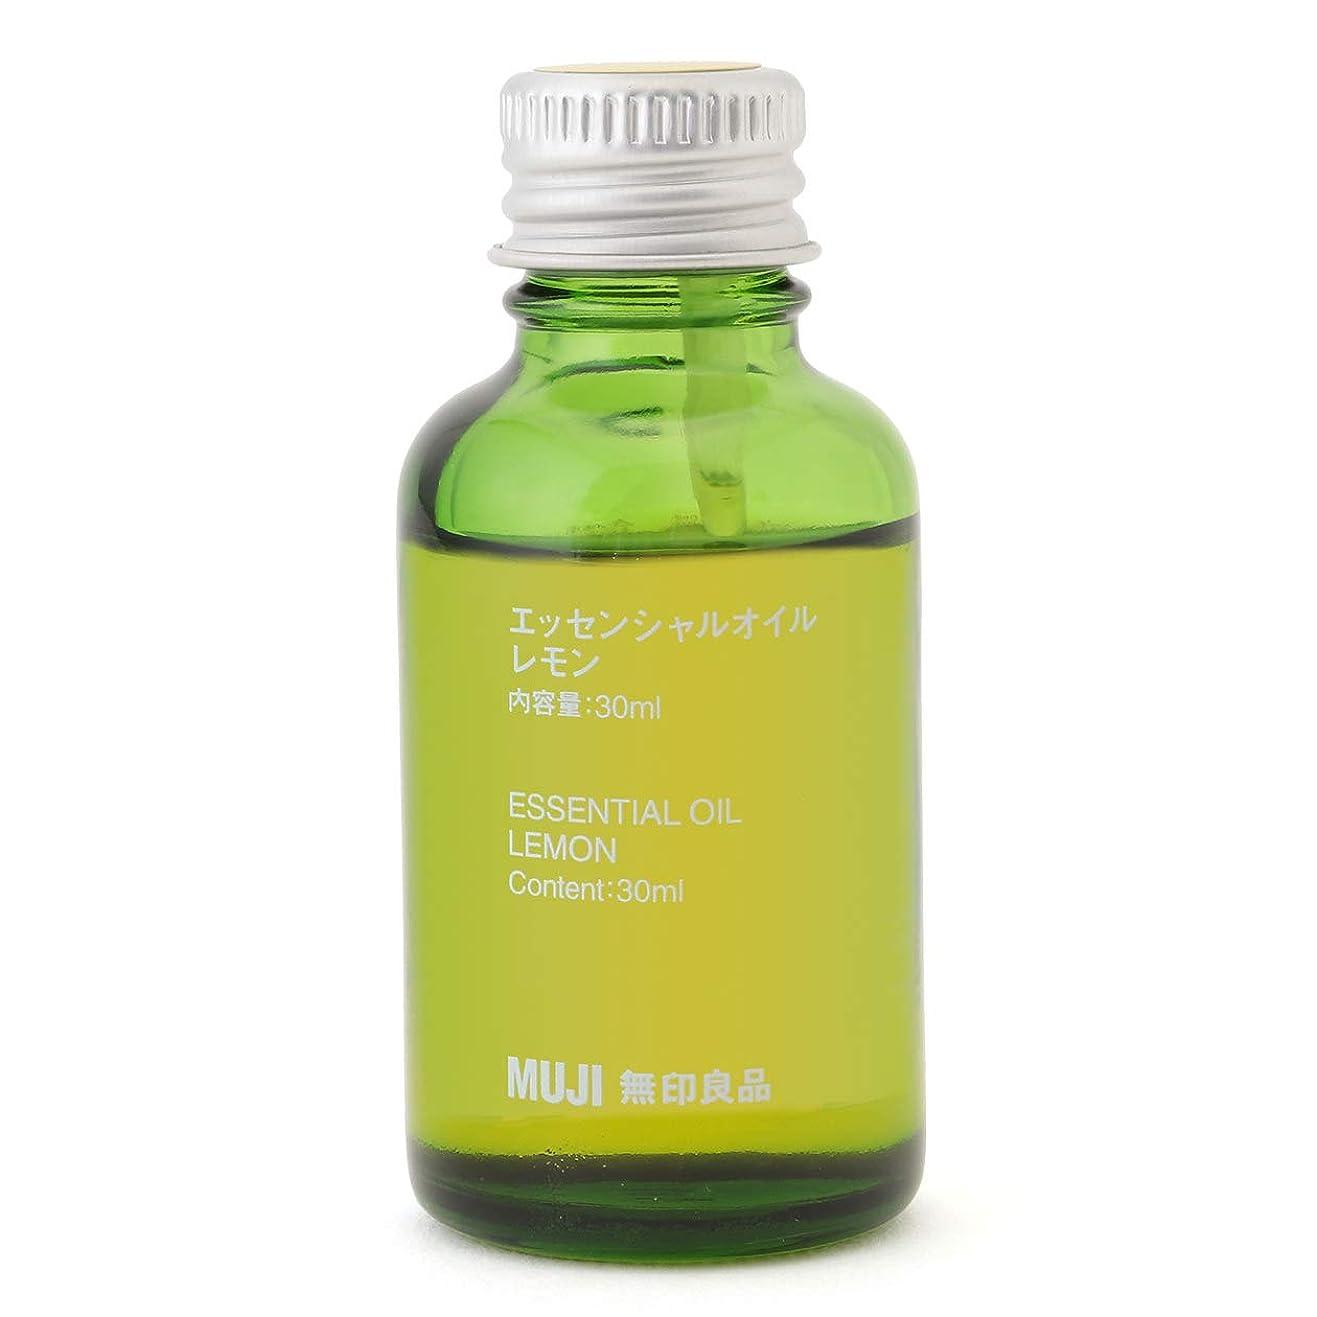 決定請負業者のため【無印良品】エッセンシャルオイル30ml(レモン)